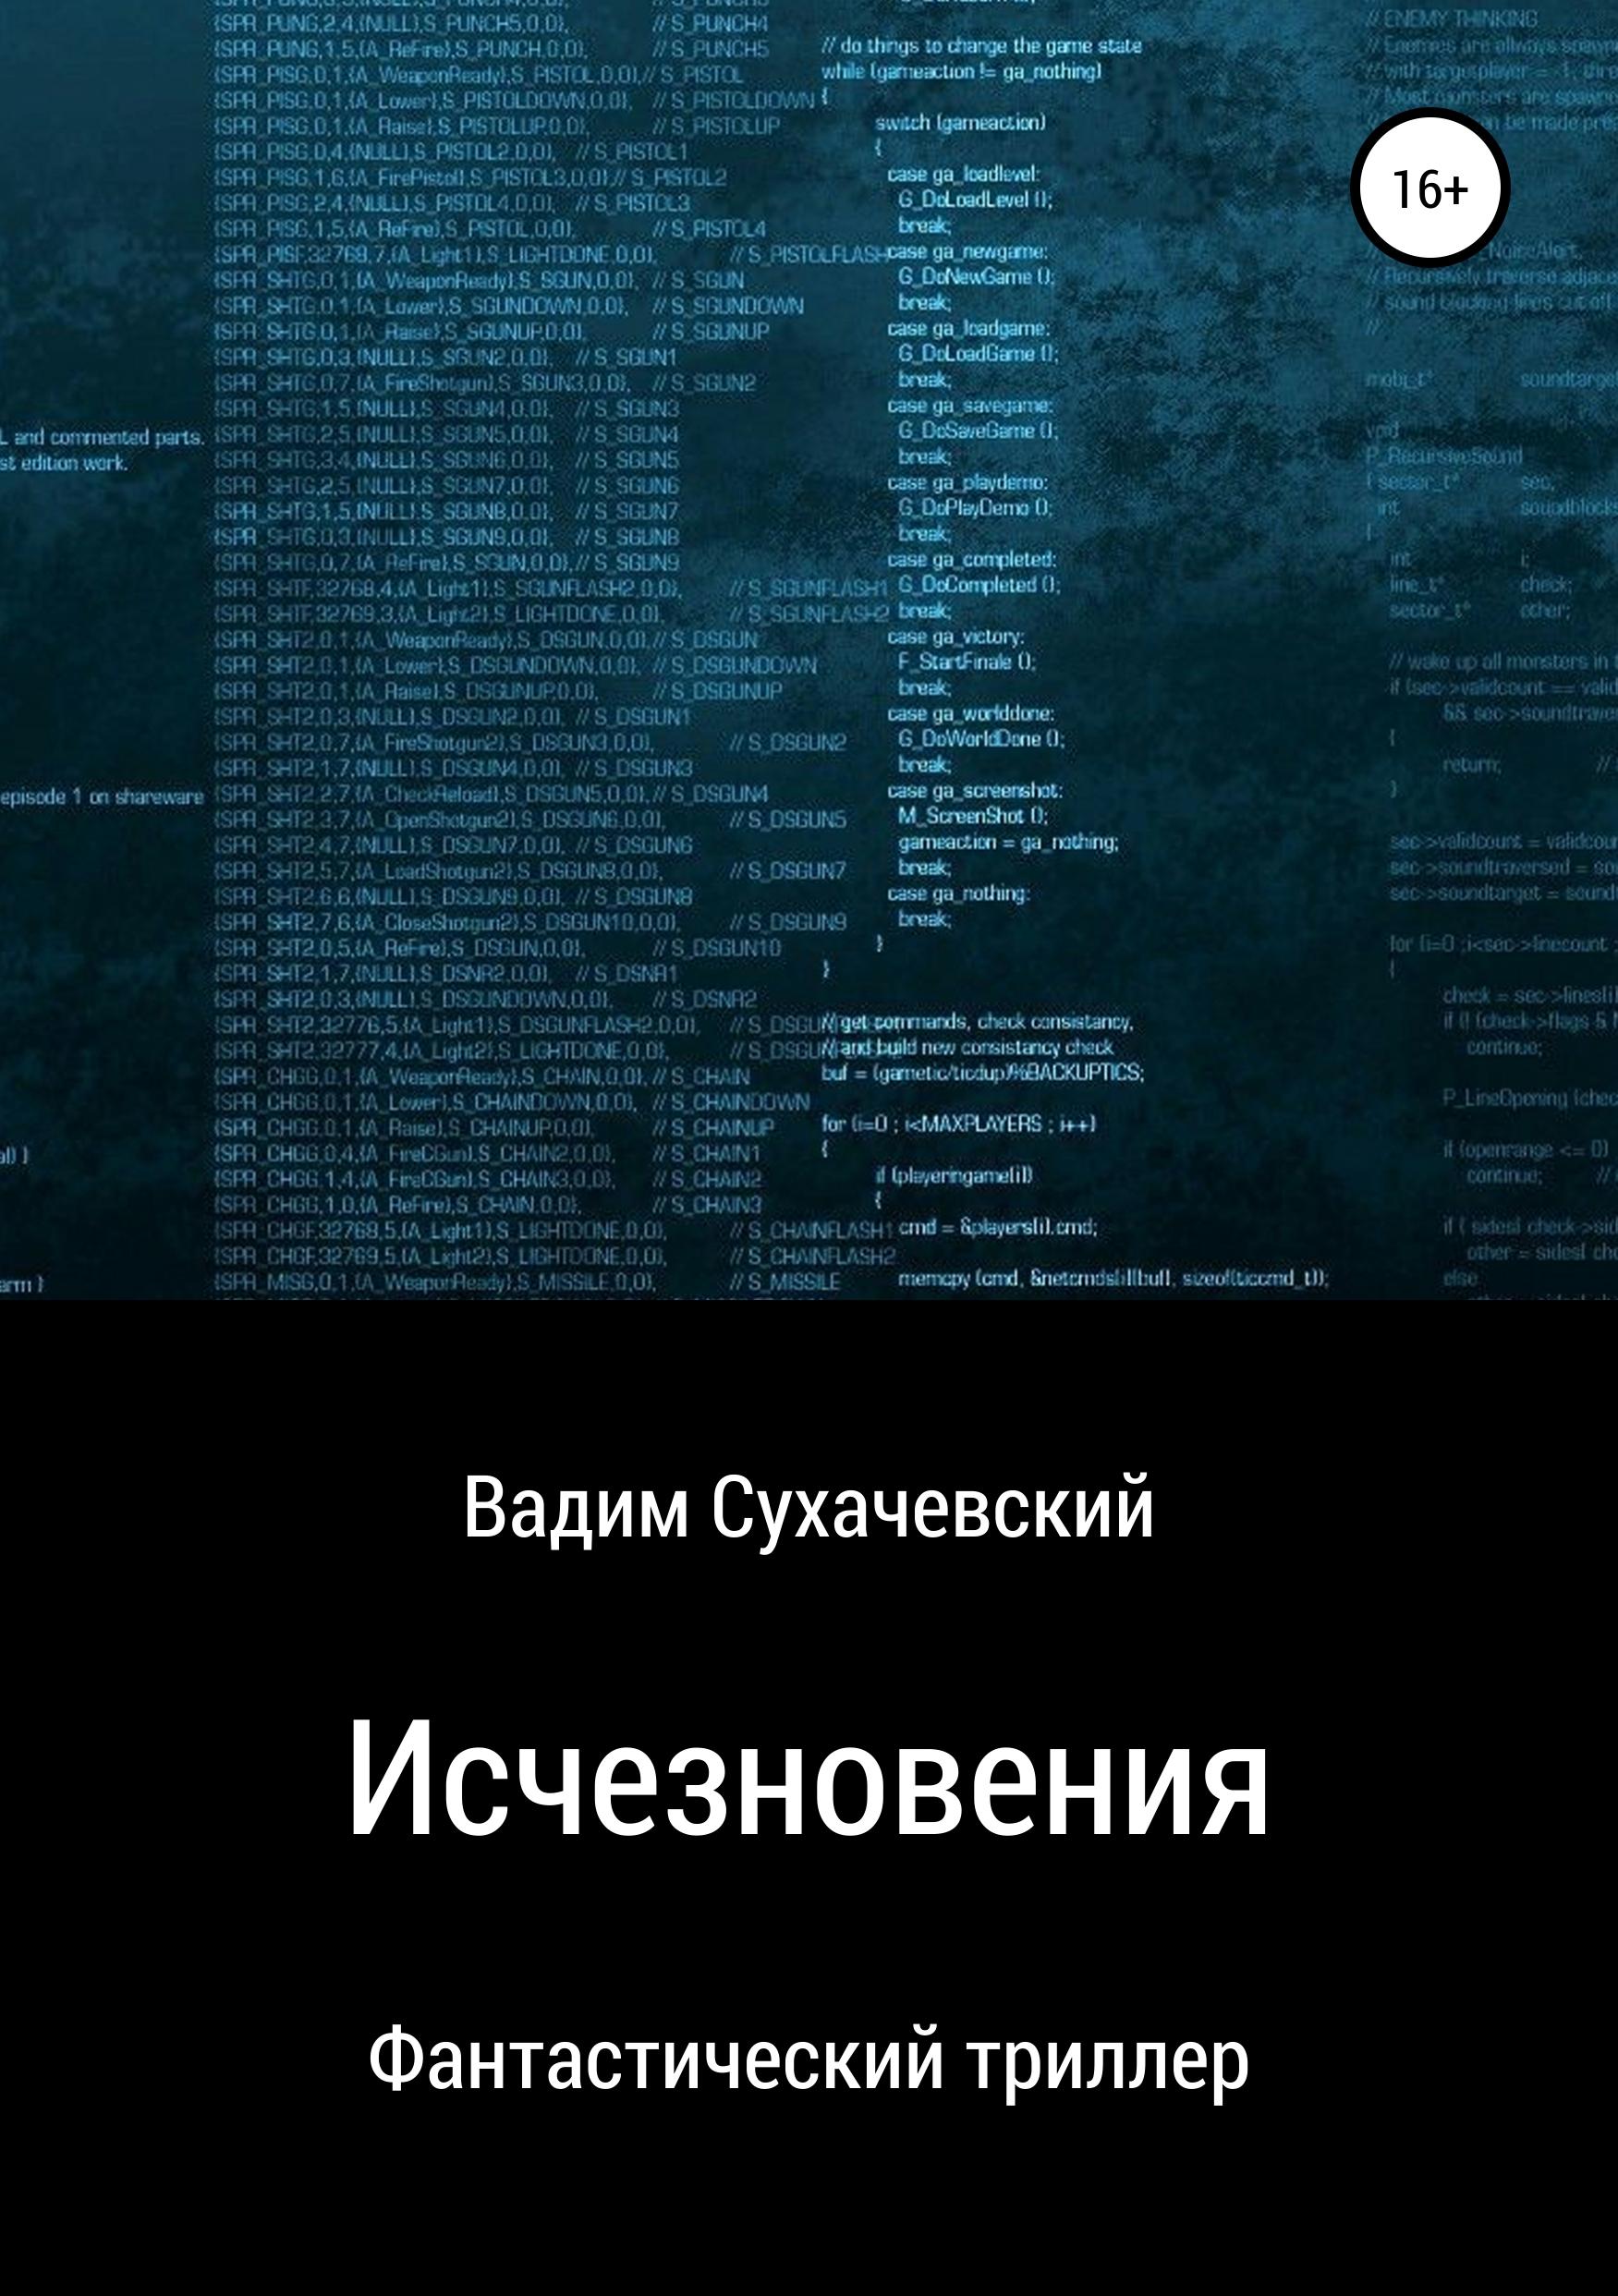 Вадим Вольфович Долгий (Сухачевский) Исчезновения